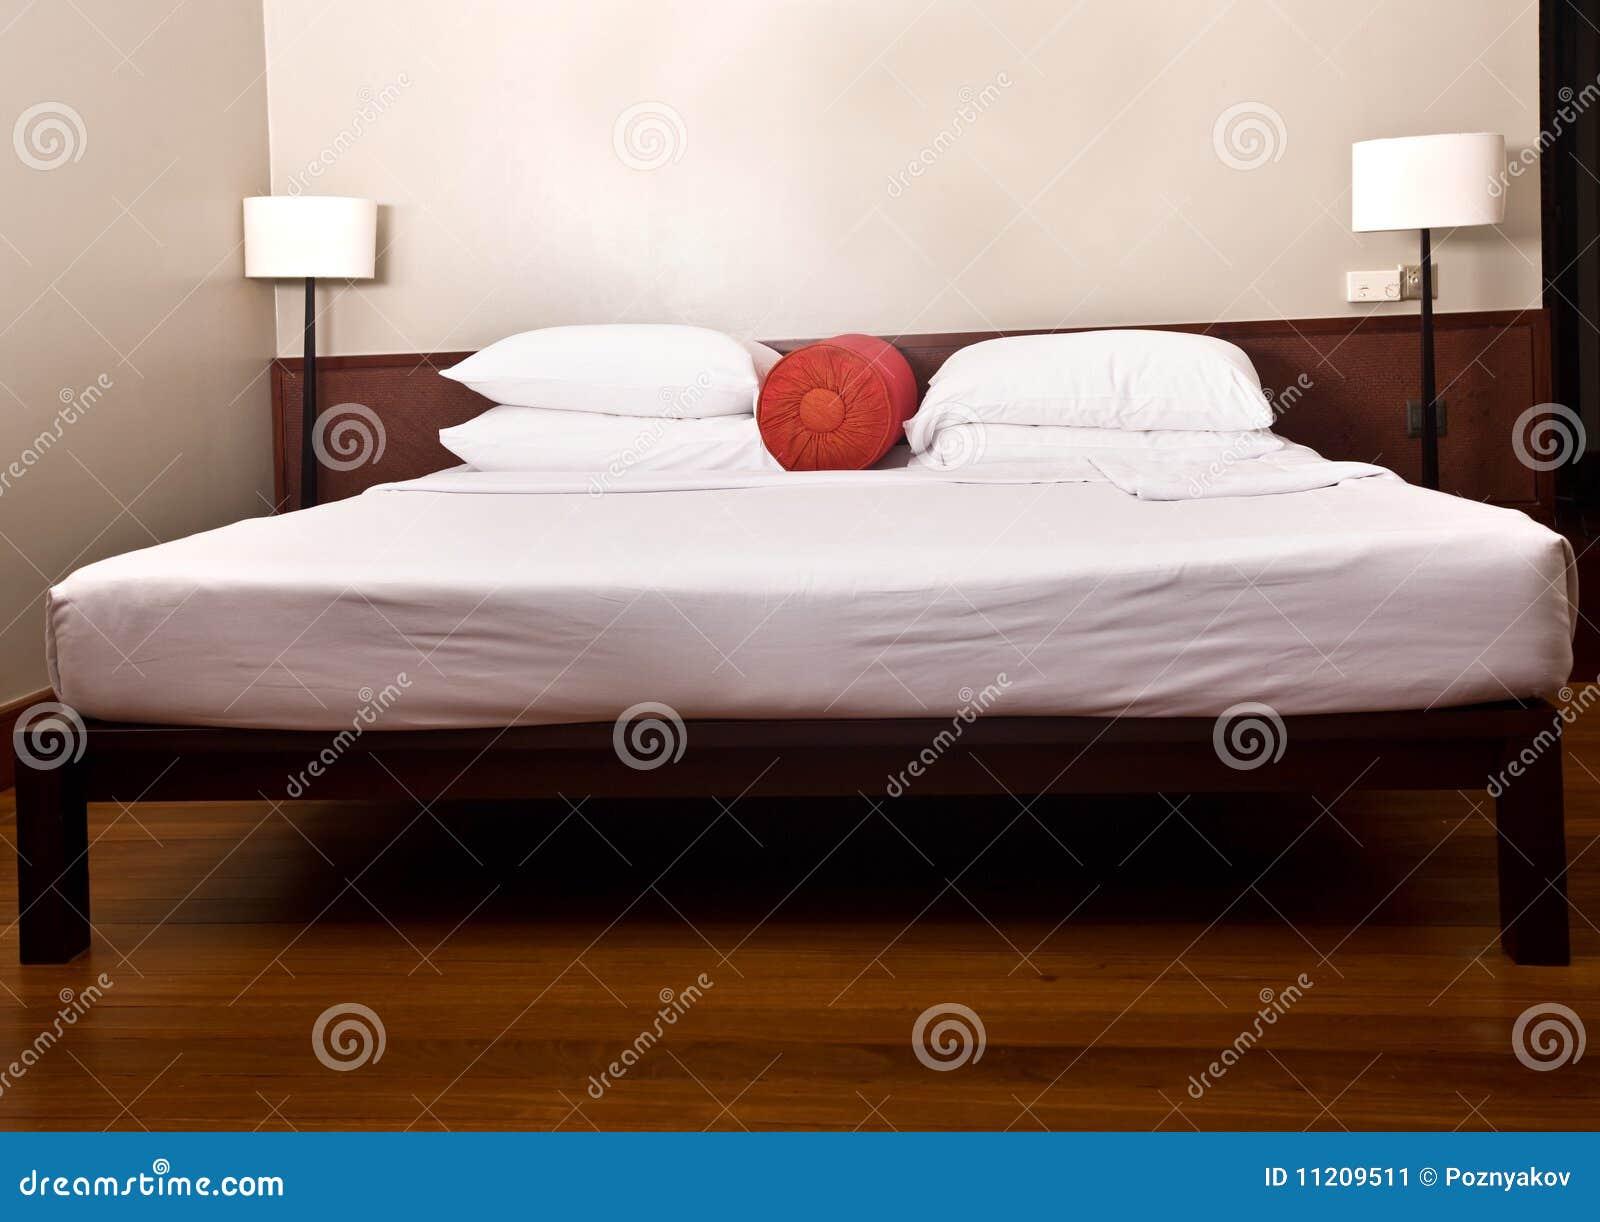 Bed en hoofdeinde in slaapkamer met lamp. stock afbeelding ...